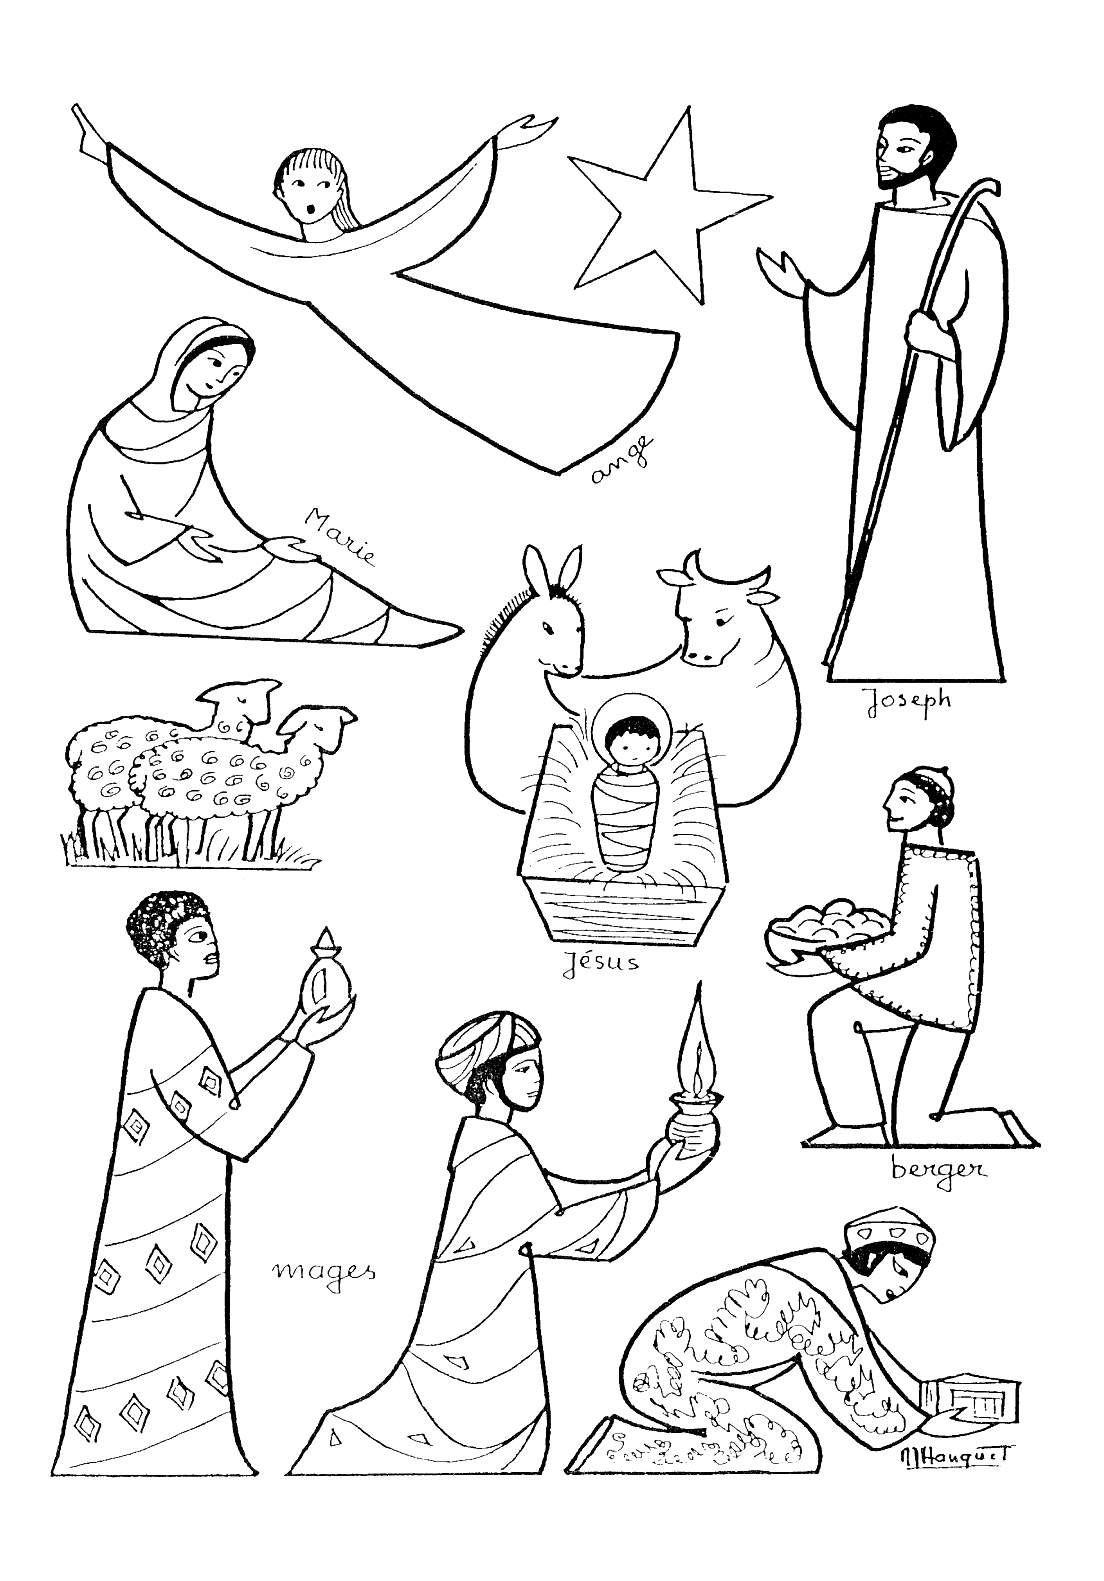 Personnage De Creche A Faire Soi Meme : personnage, creche, faire, Différents, Personnages, Crèche, Colorier, Partir, Galerie, Creche, Noel,, Noël, Imprimer,, Coloriage